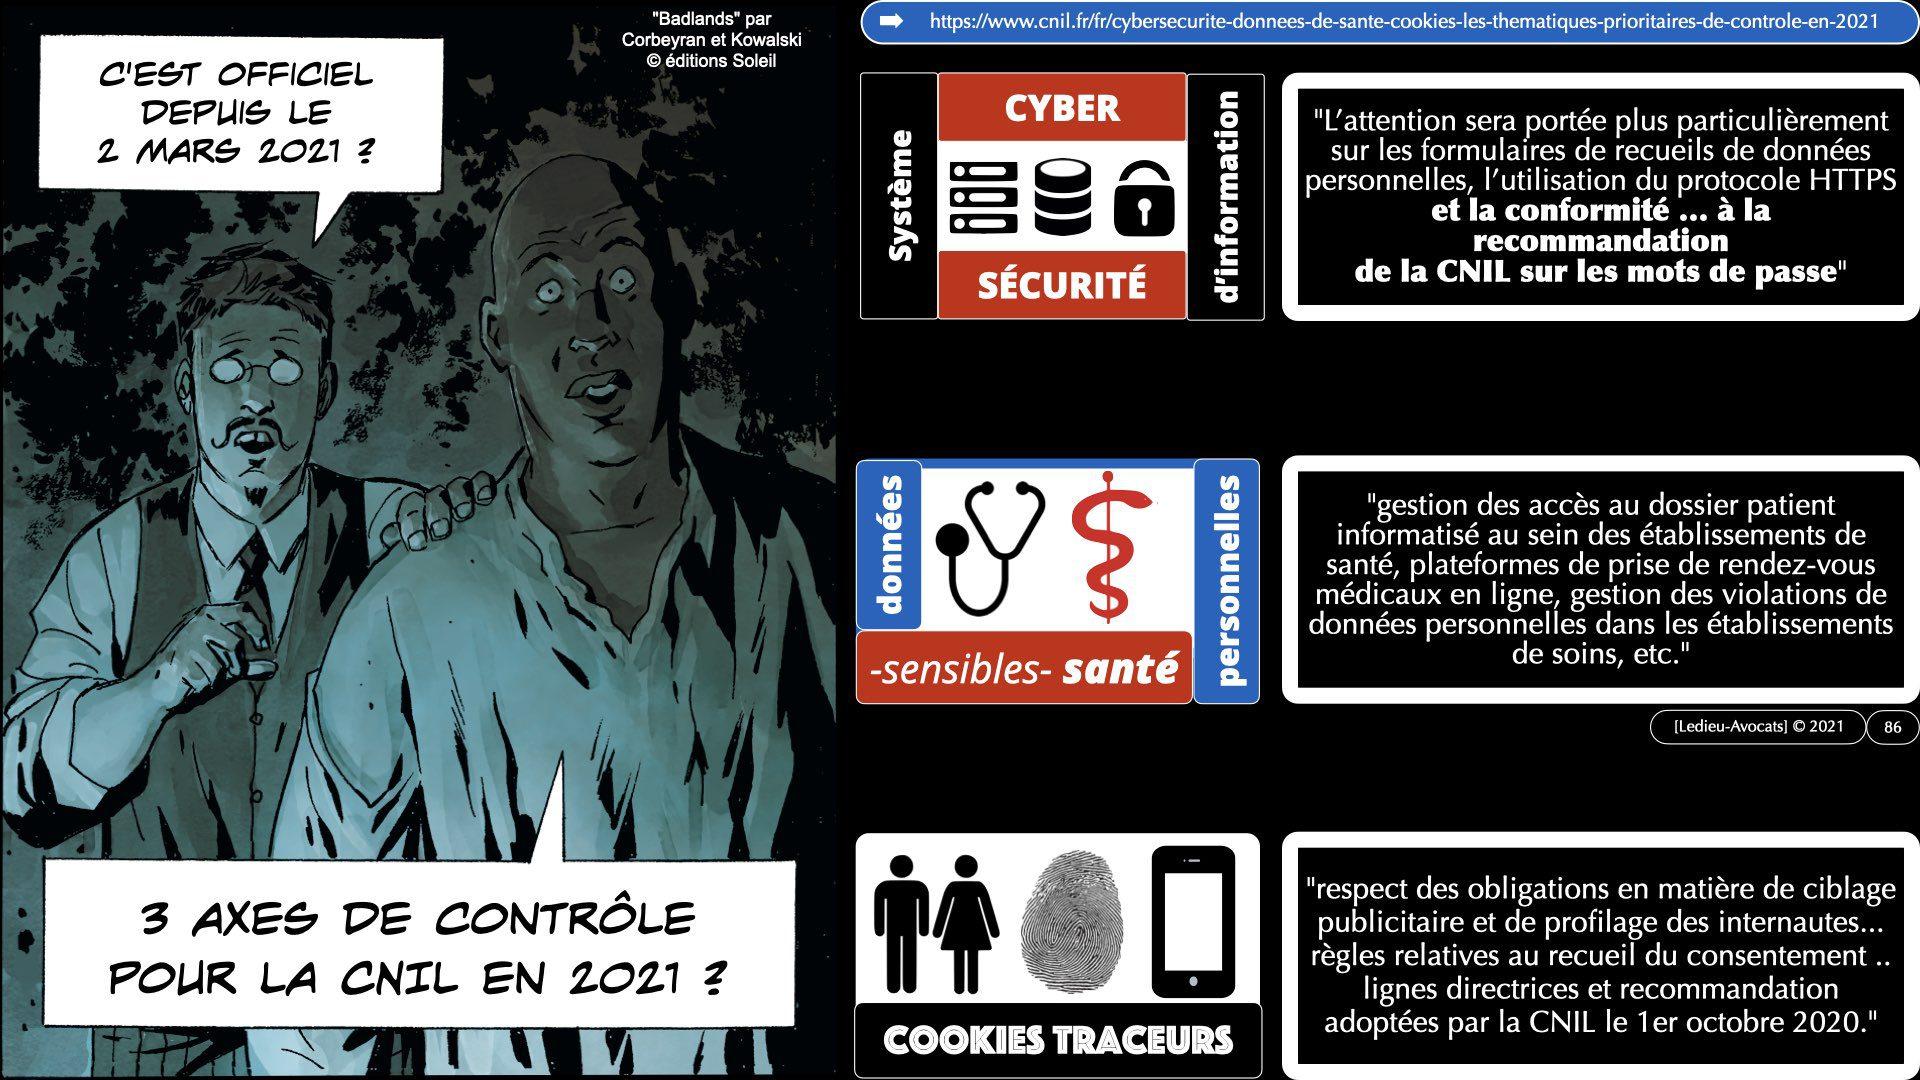 342 droit mot de passe OIV OSE ANALYSE de RISQUE EBIOS RM © Ledieu-Avocats technique droit numérique 05-09-2021.016